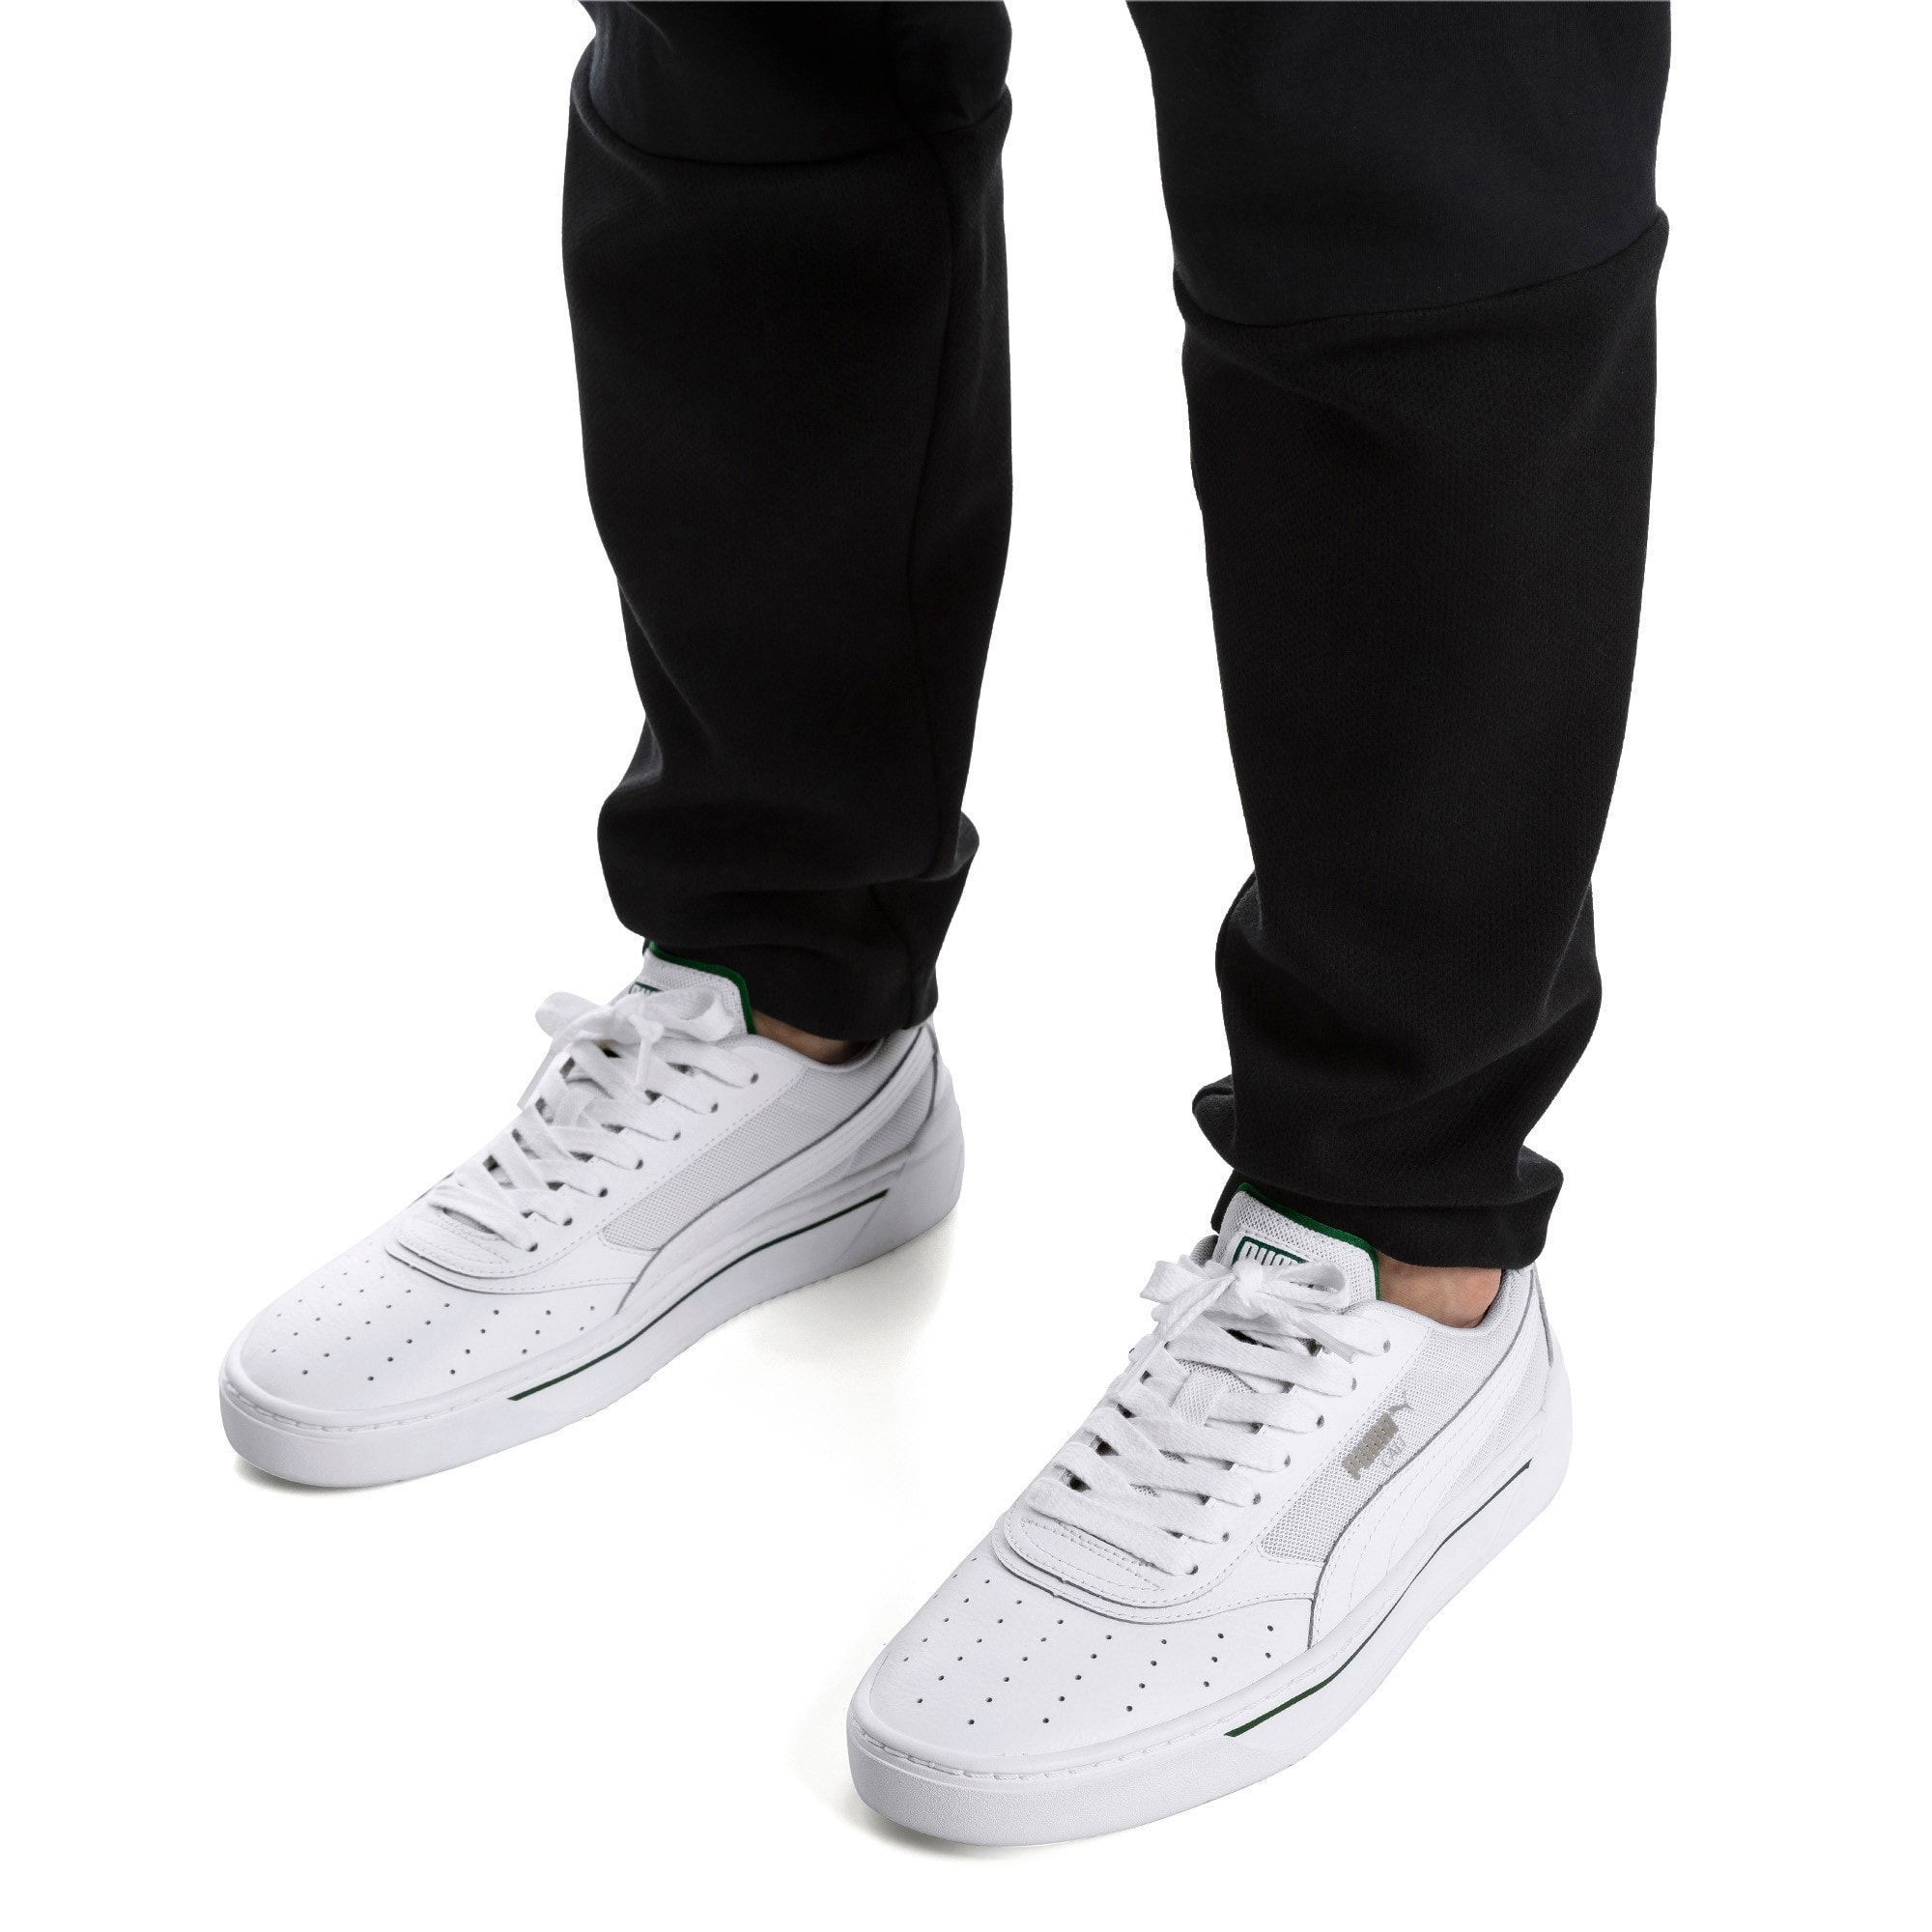 shoes men, Puma cali